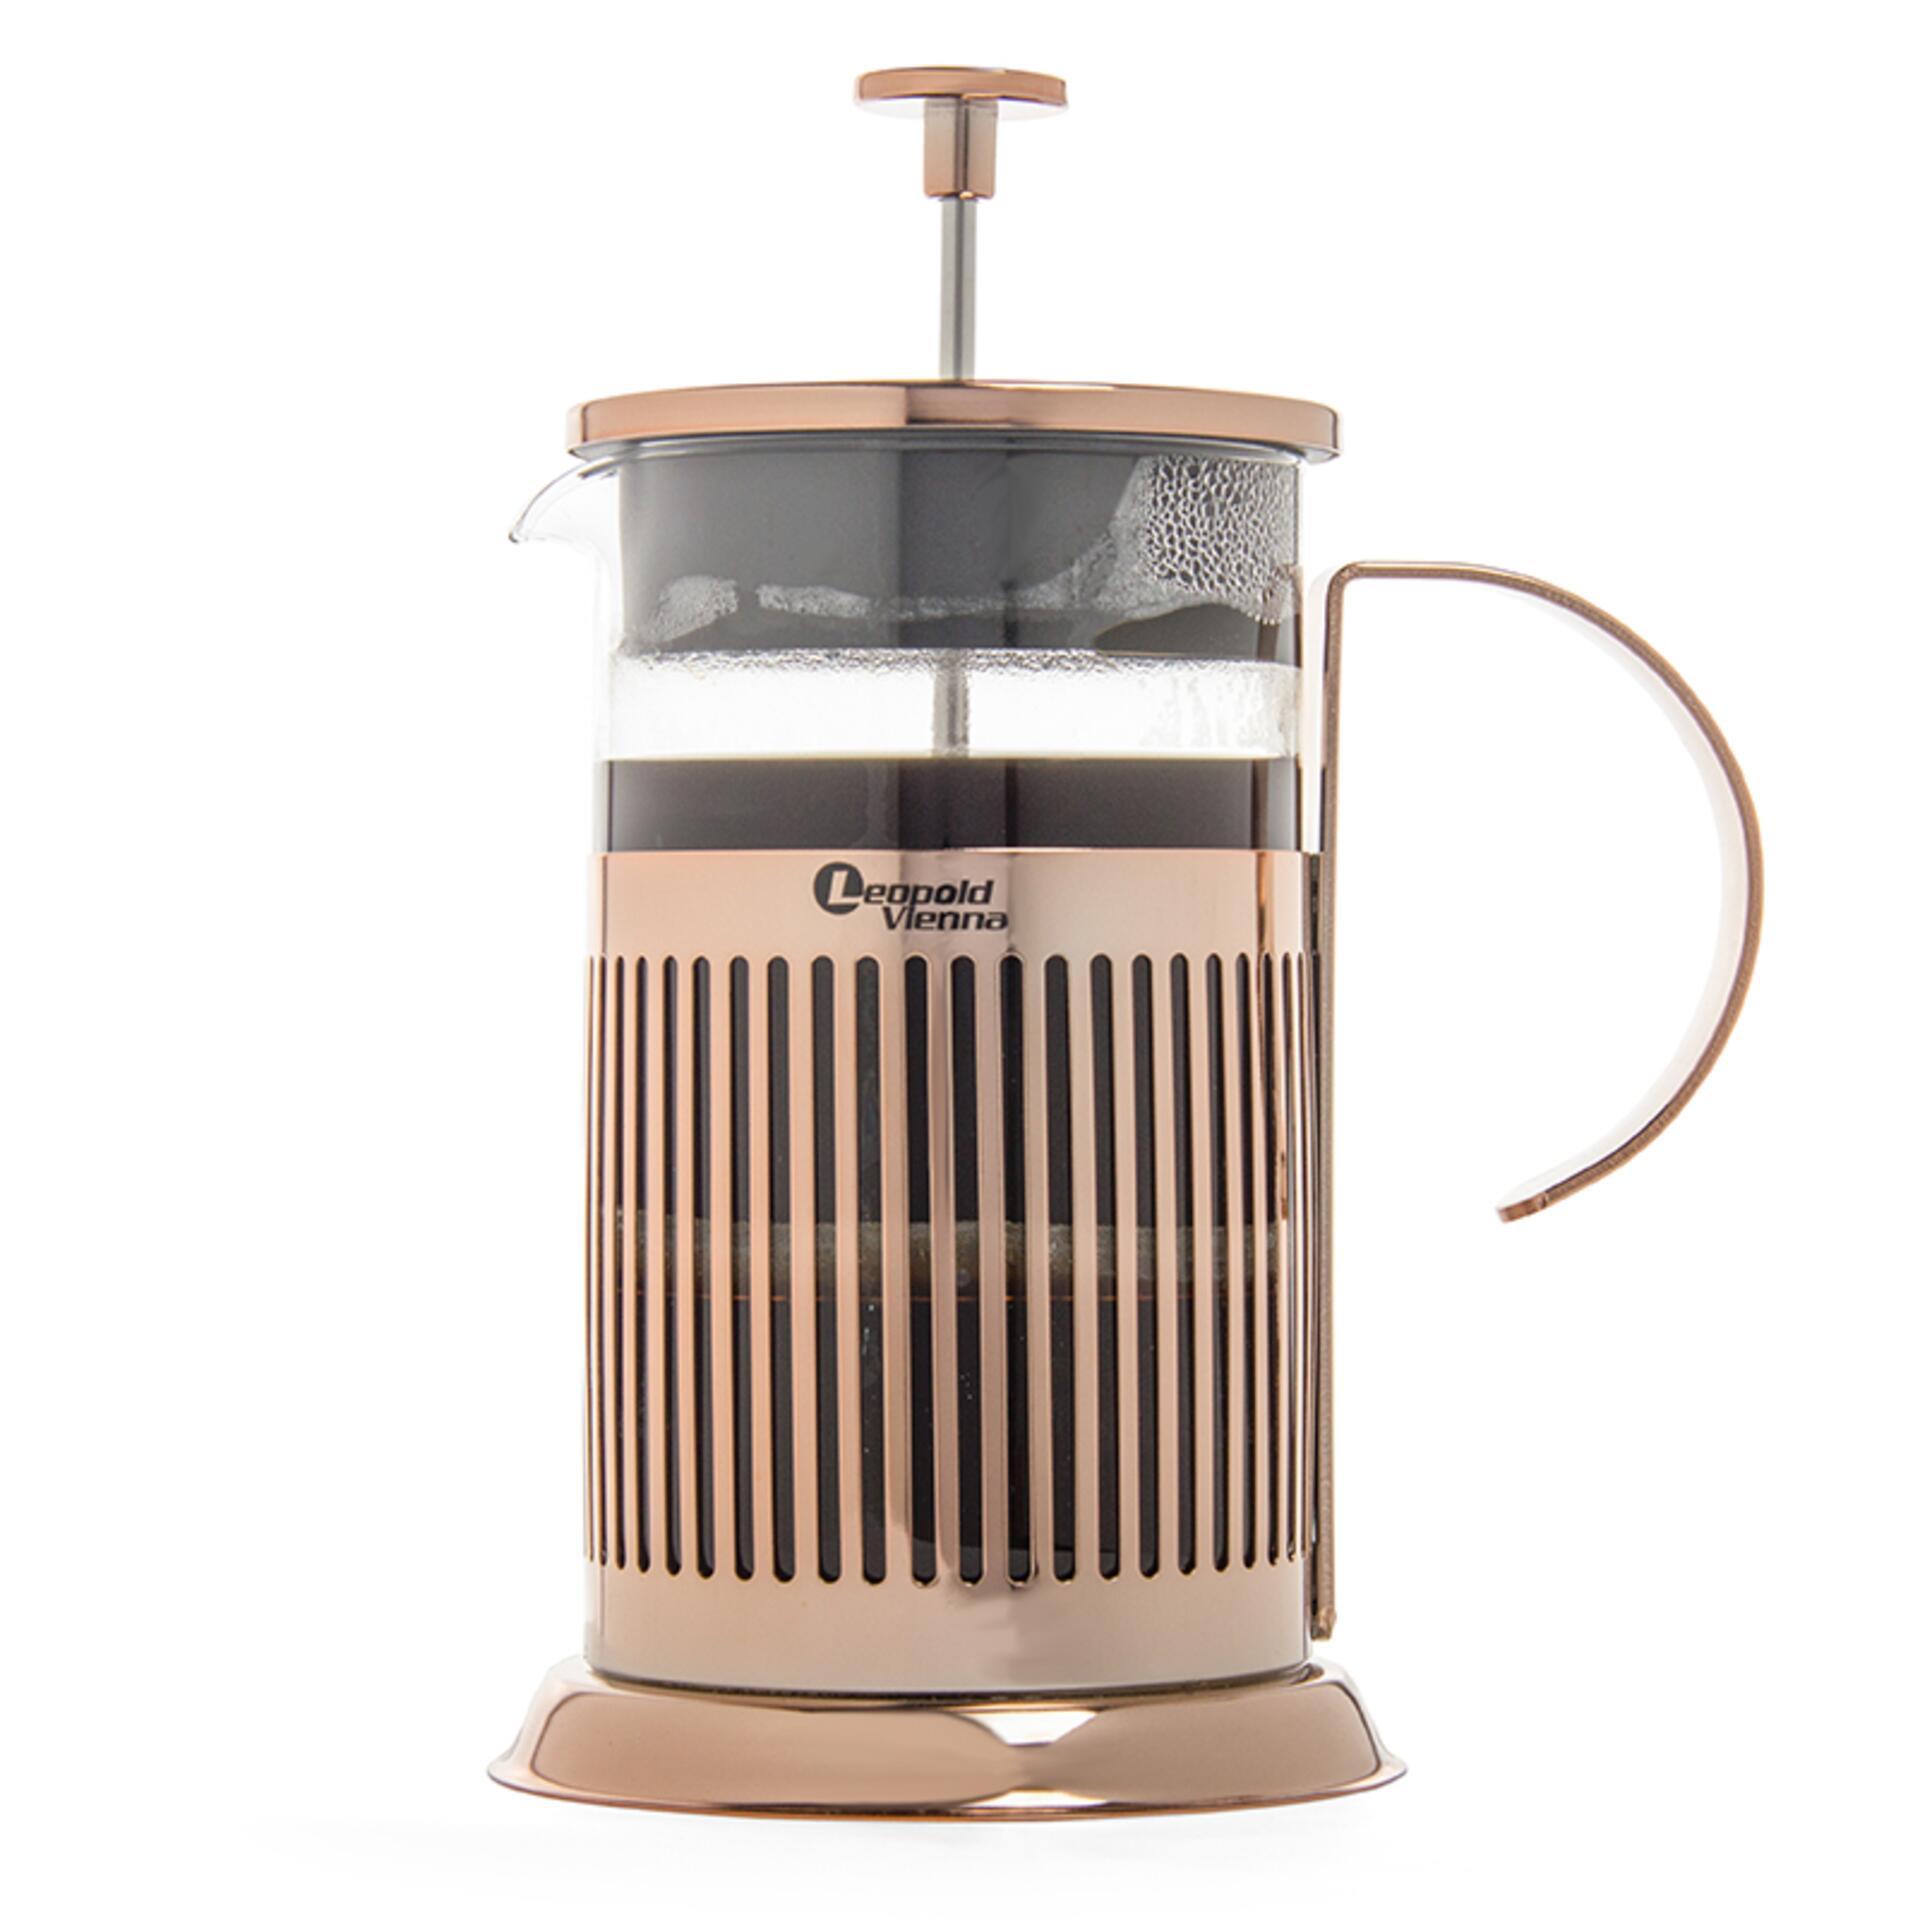 Leopold Vienna Kaffeebereiter French Press Kupfer 800 ml